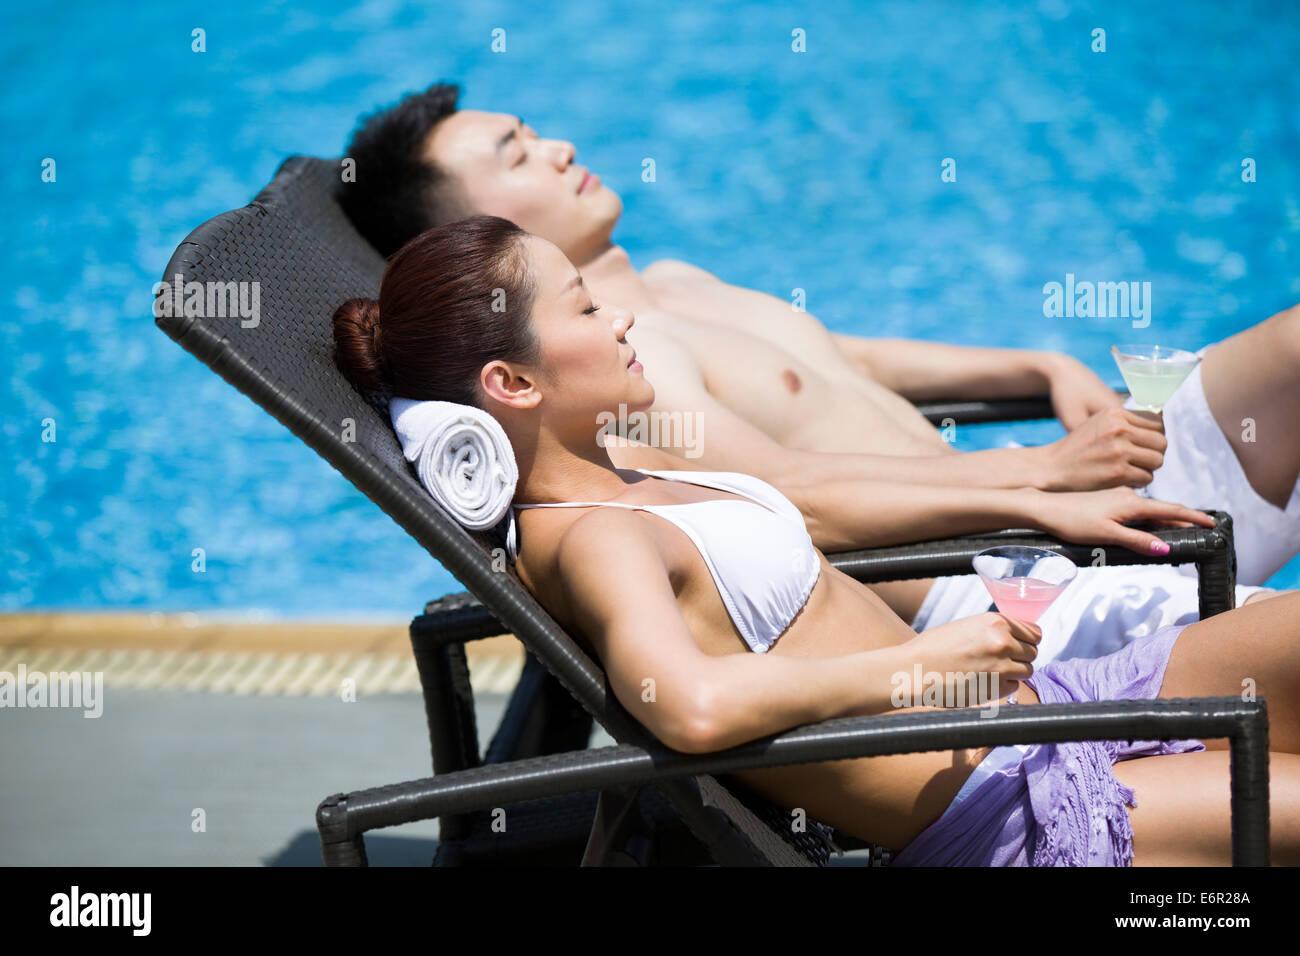 Coppia giovane a prendere il sole a bordo della piscina Immagini Stock